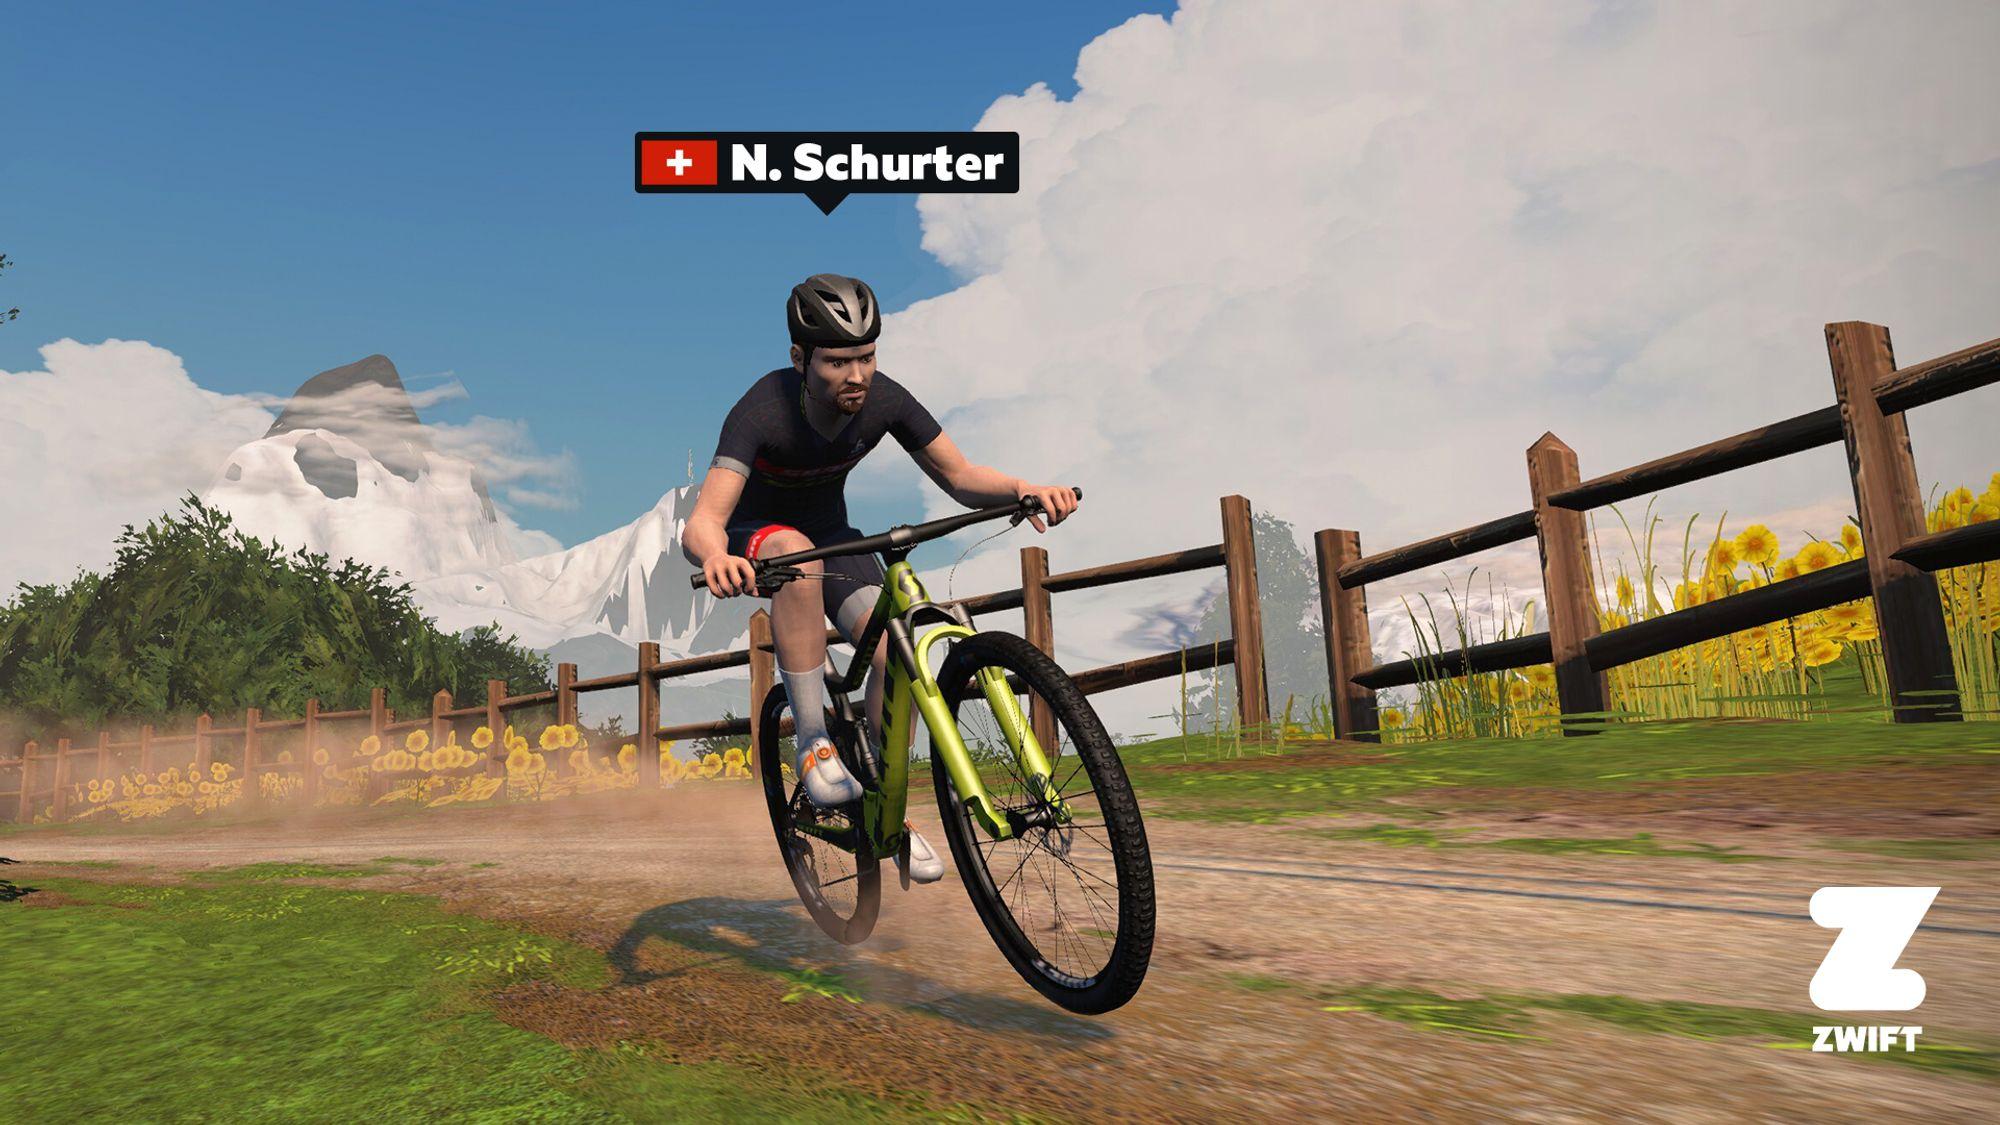 Scott-Woche bei Zwift: Digitaler Ride mit Schurter & Co.